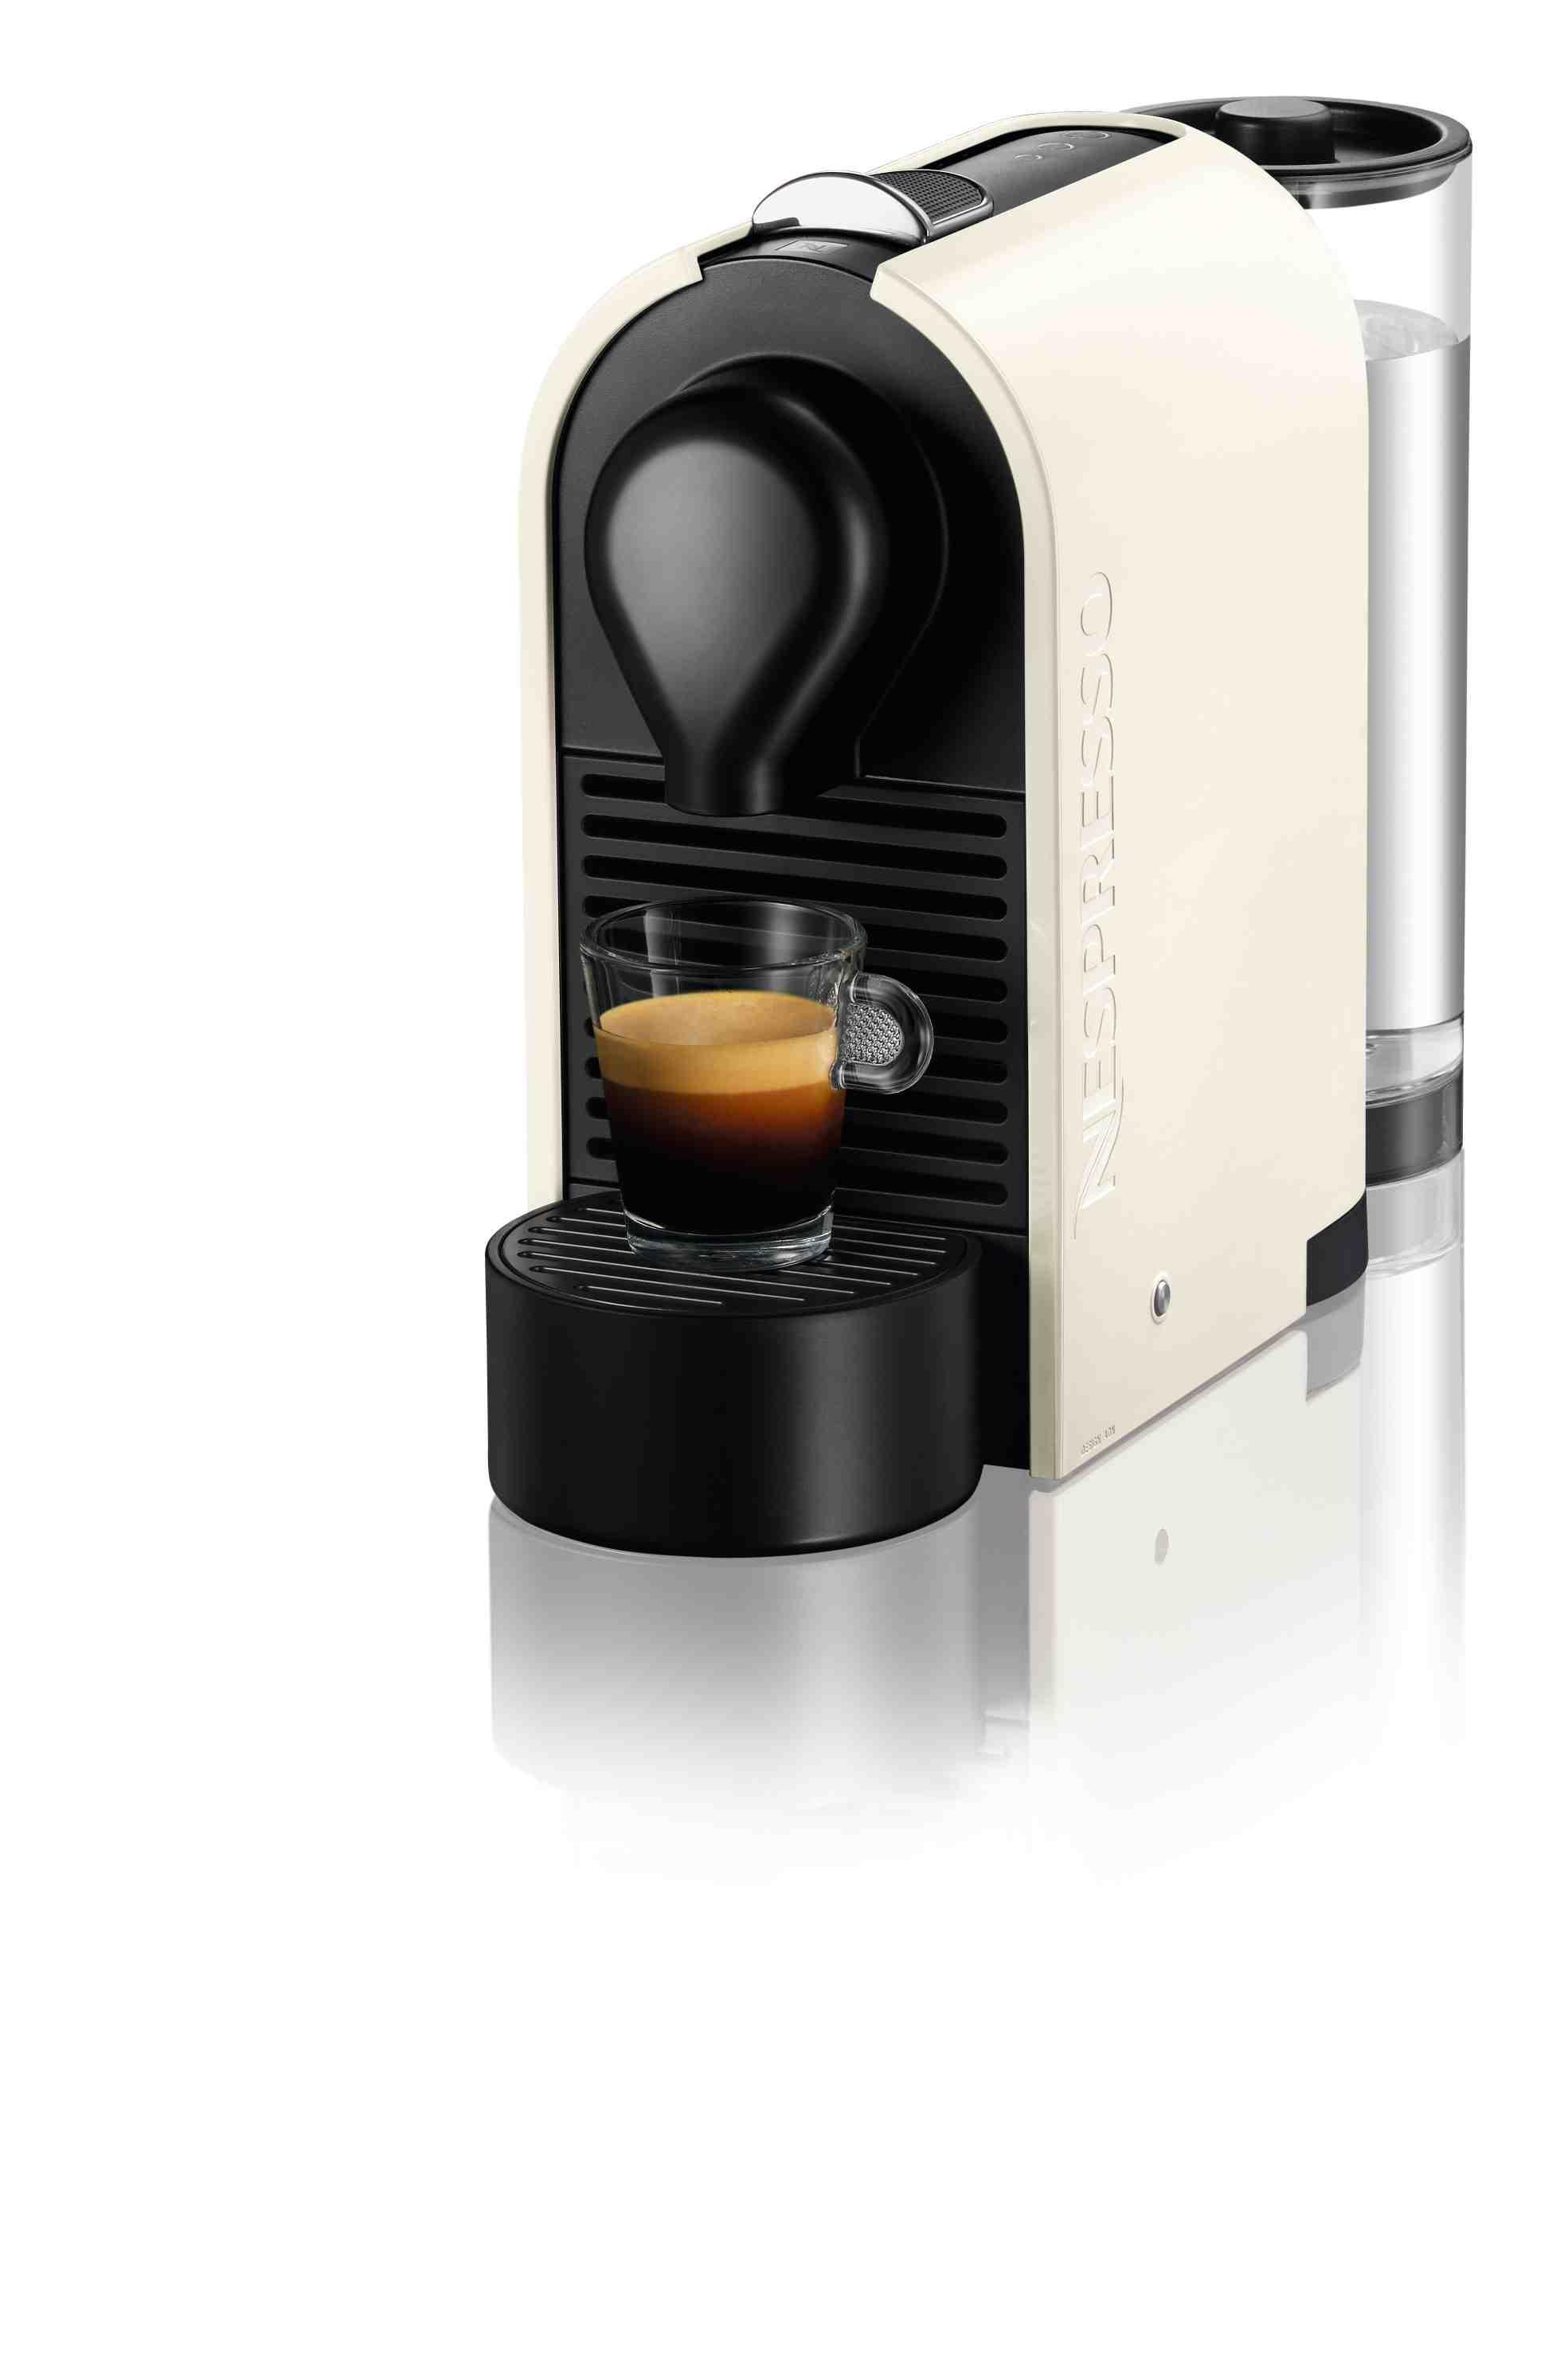 Best Coffee Maker Nz : New entry level Nespresso machine witchdoctor.co.nz